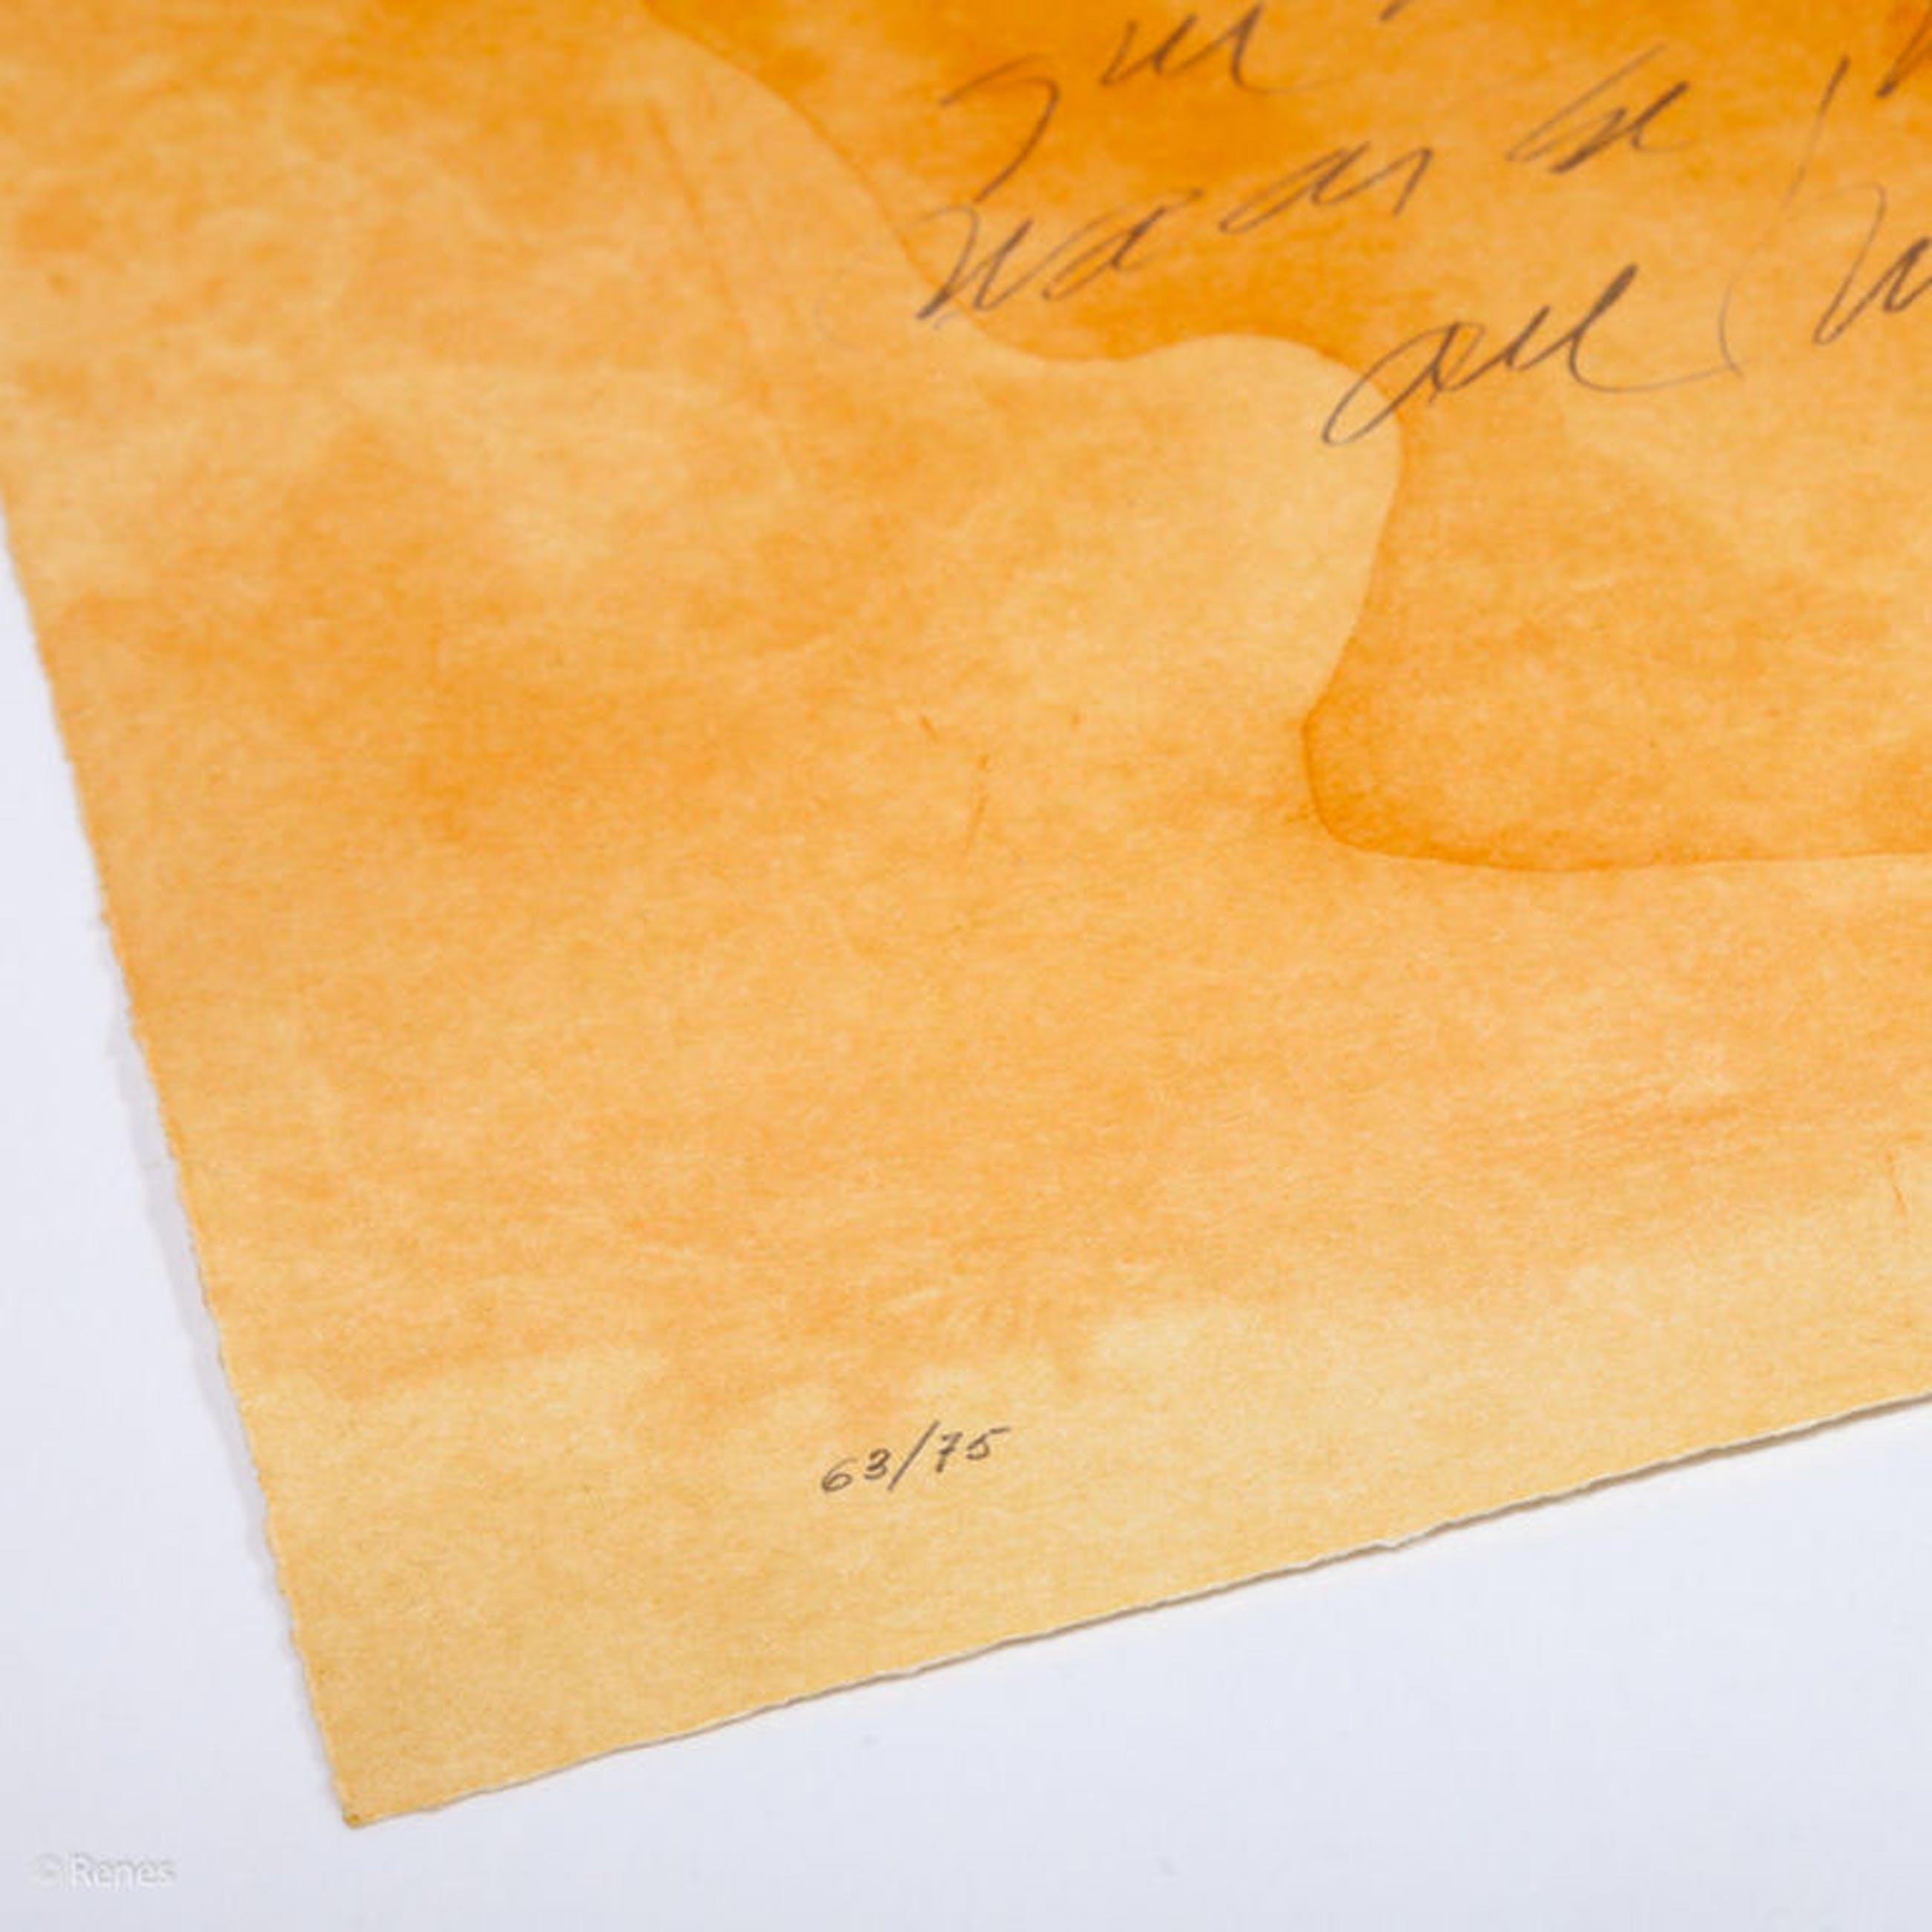 Guillermo Conte 'El corazón' - kleuren ets, oplage 75, handgesigneerd, 1999 kopen? Bied vanaf 139!